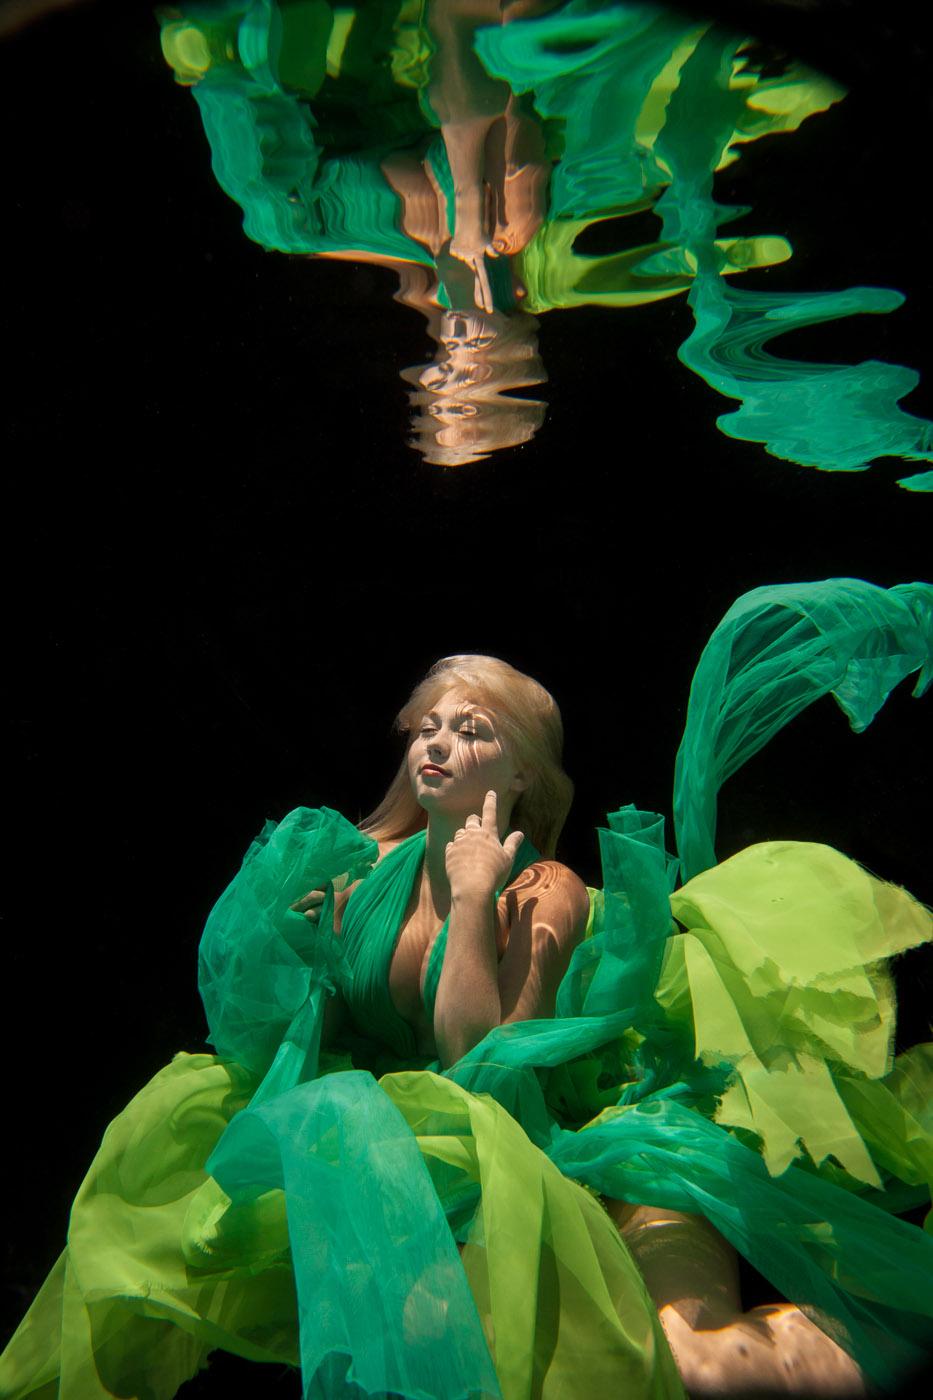 underwater best photographer